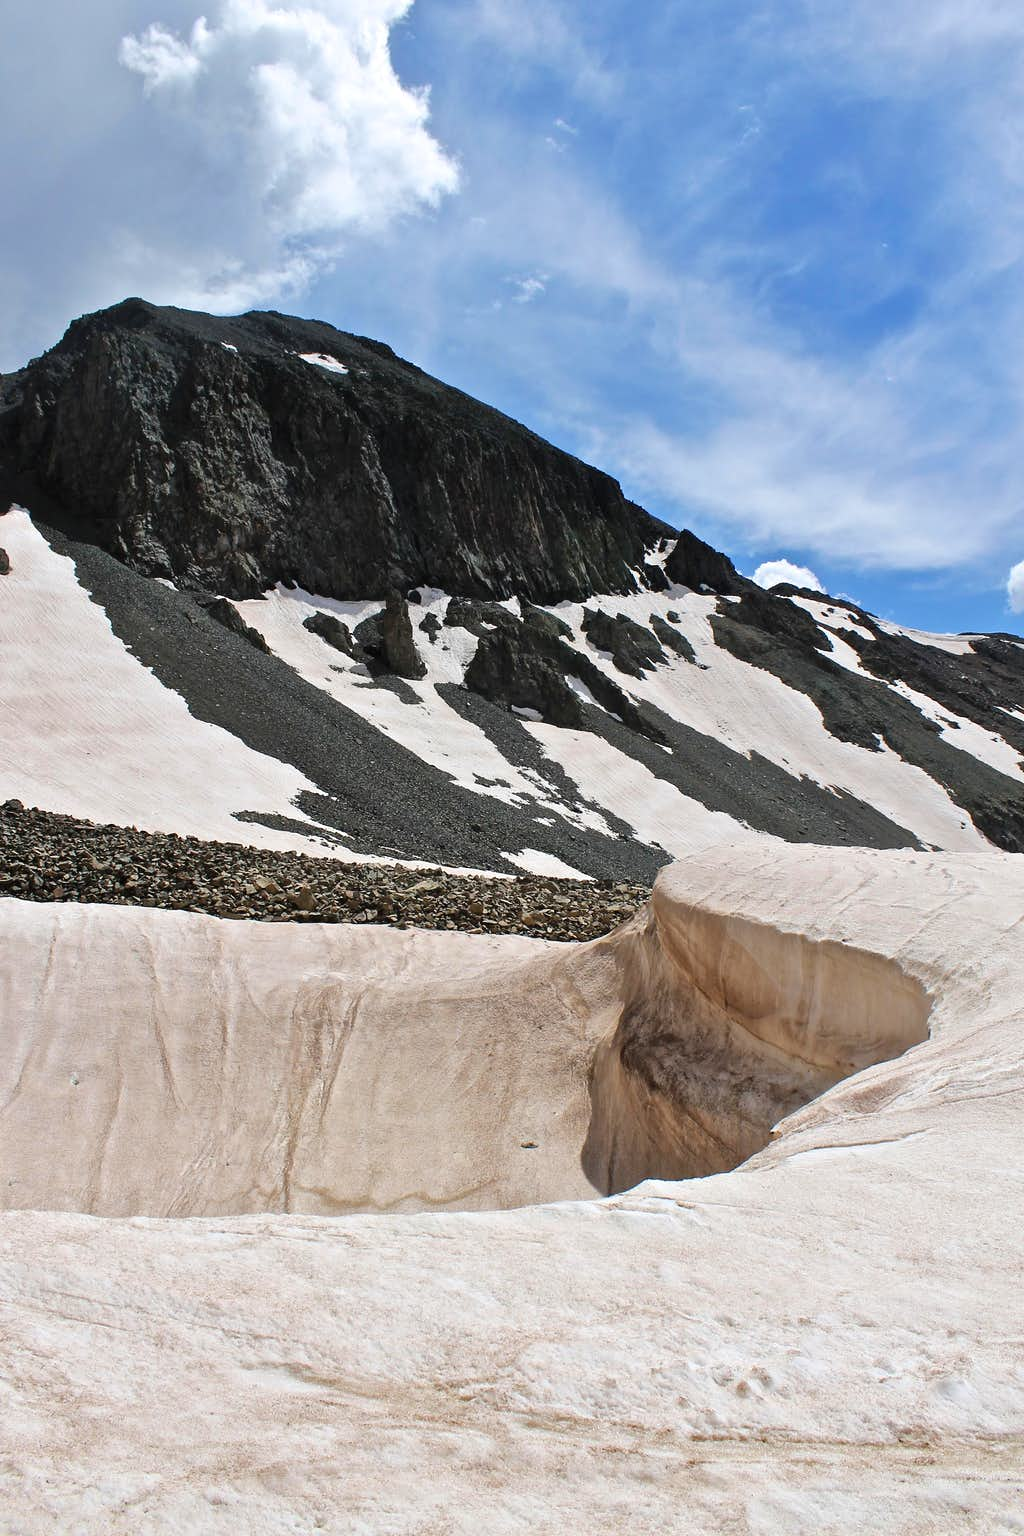 Jones Mountain